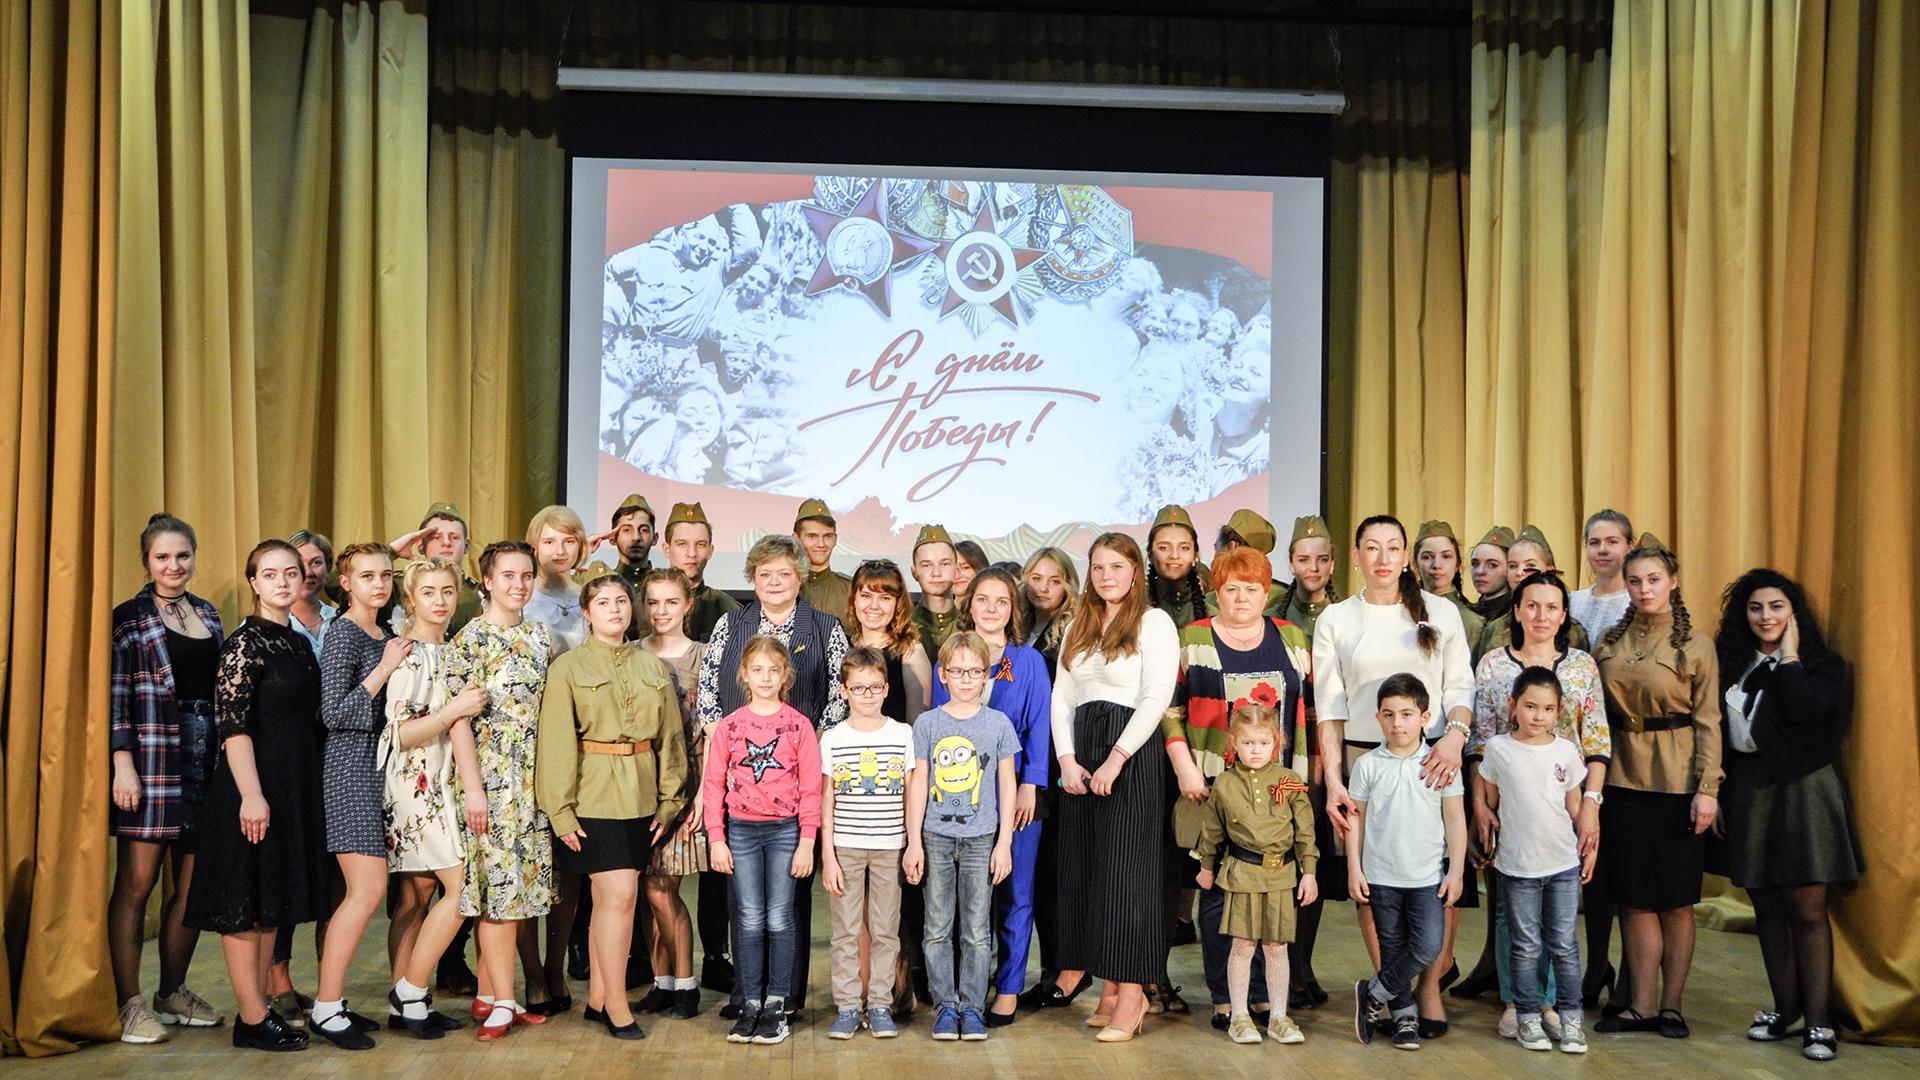 Состоялся праздничный концерт к 74-й годовщине Дня Победы (07.05.2019 г.)!